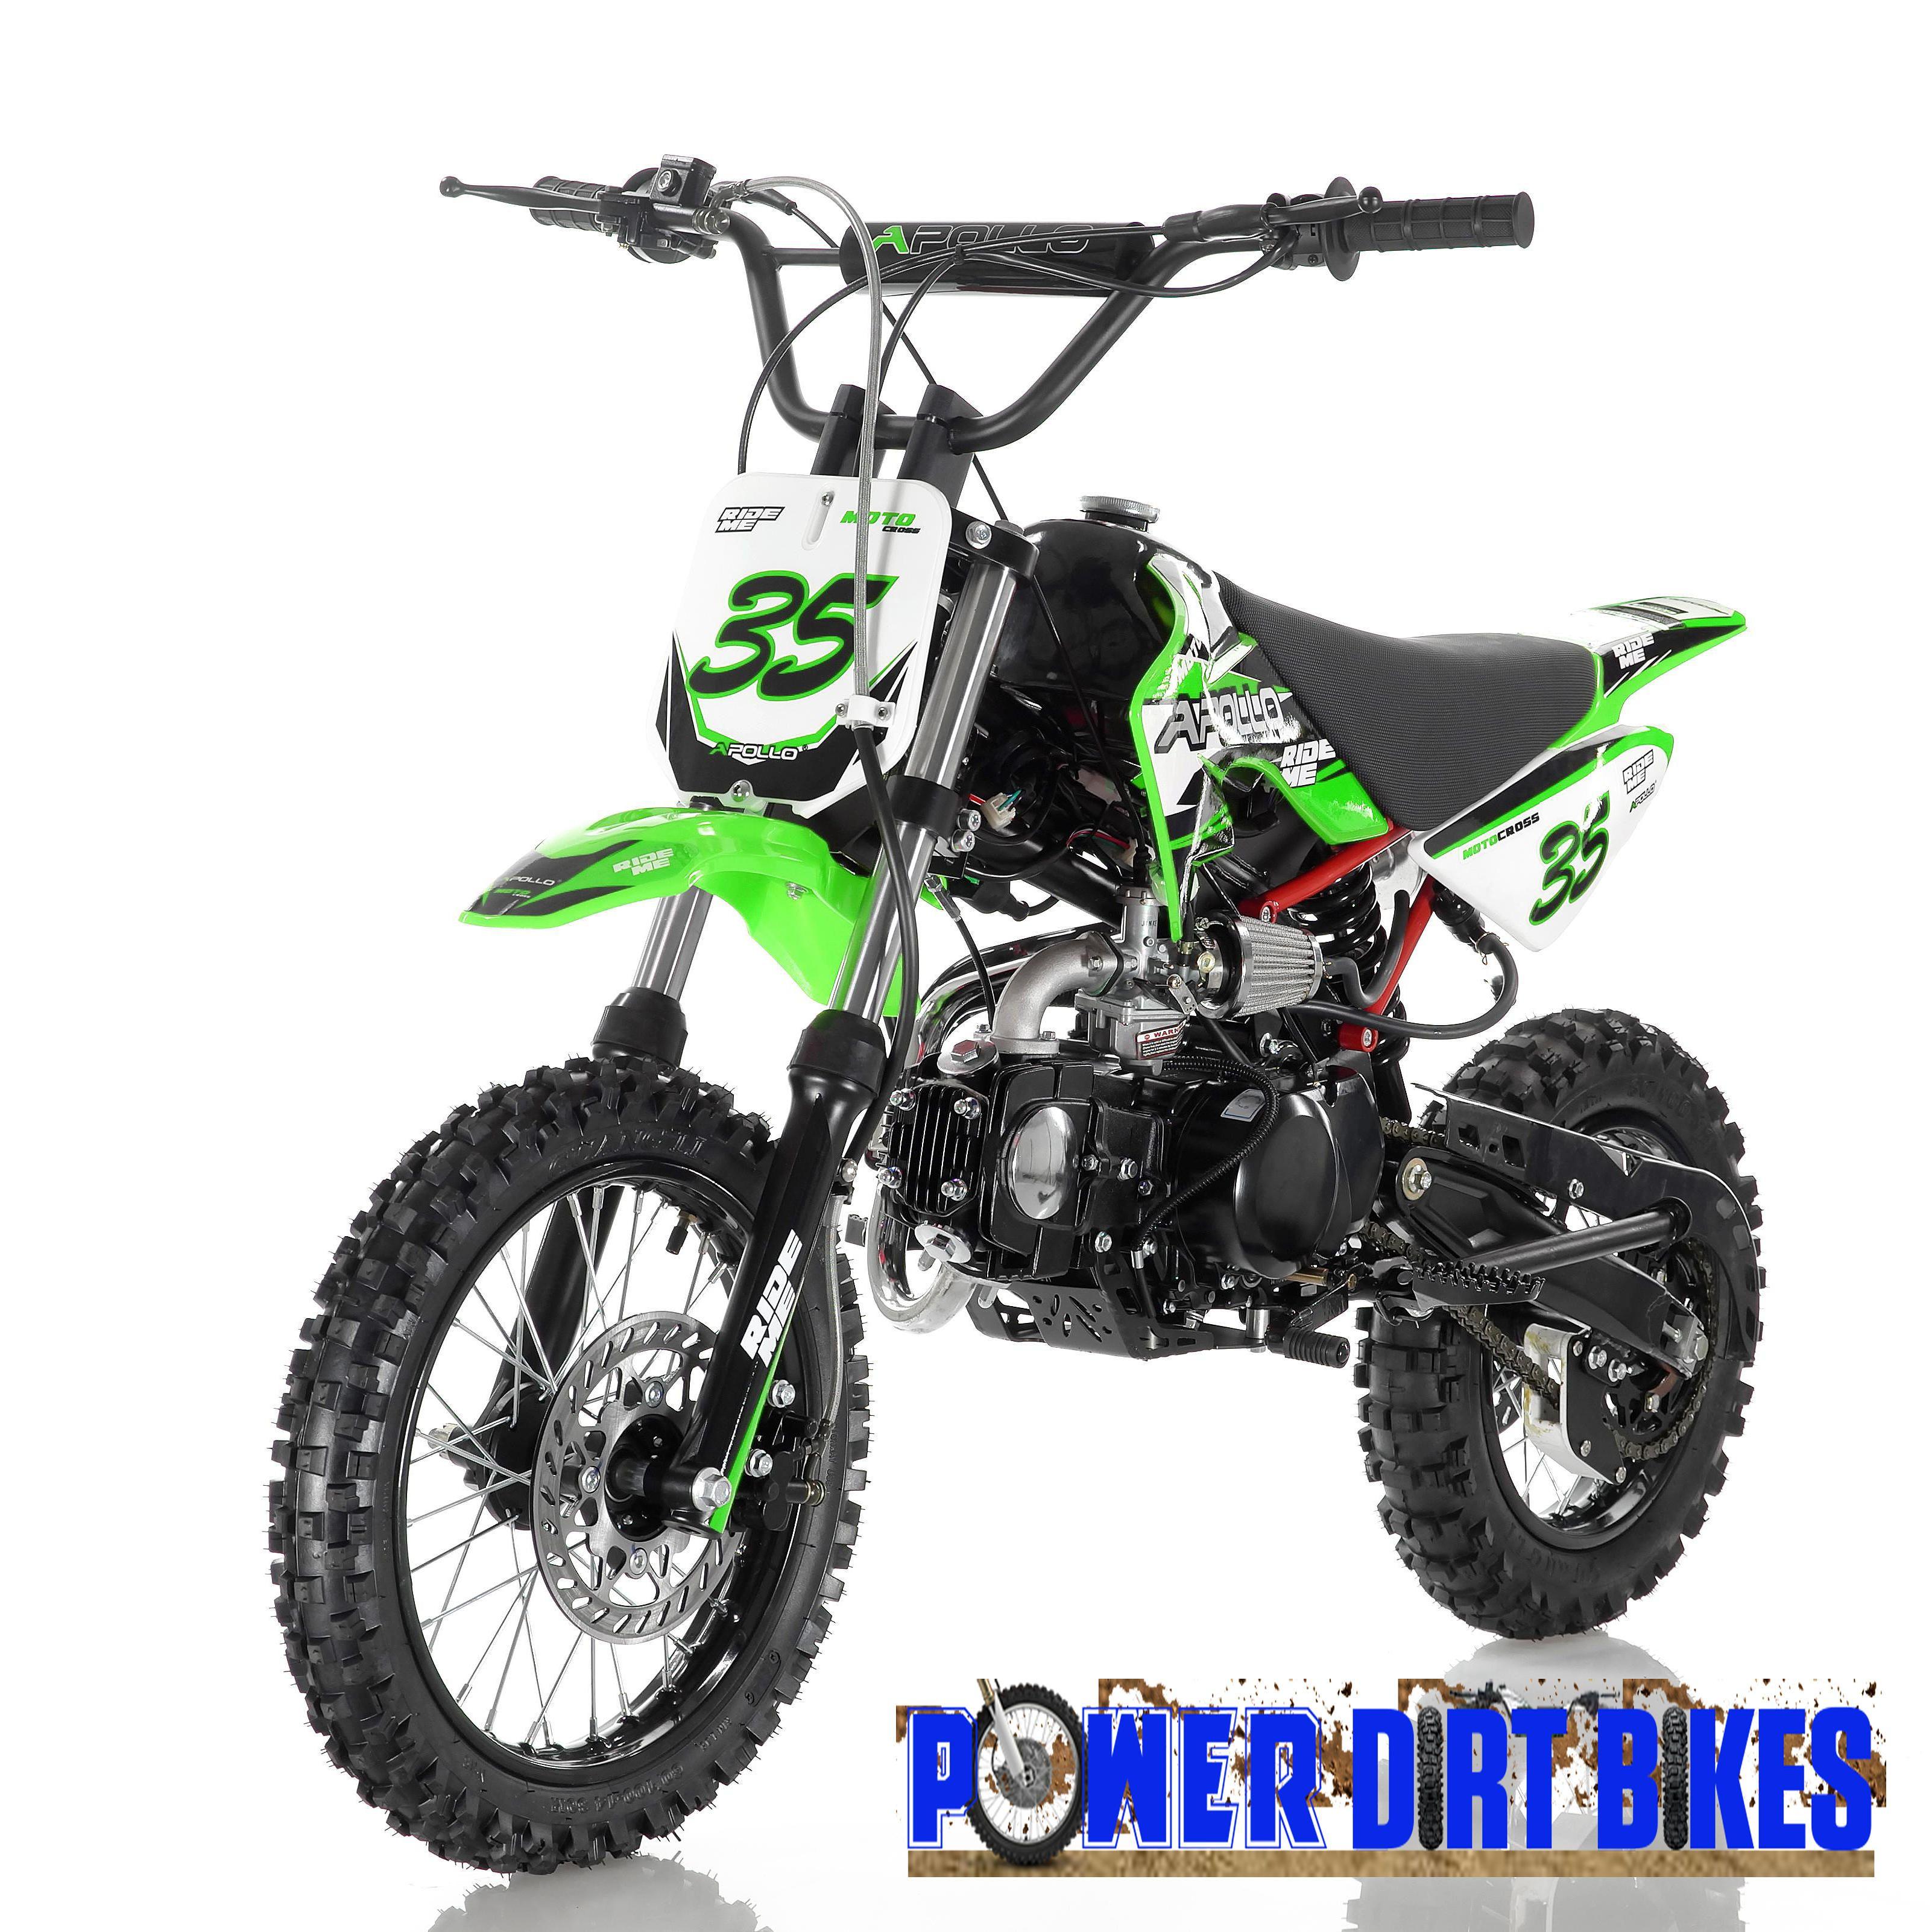 Cheap Dirt Bikes Power Dirt Bikes Sale Free Shipping Pit Bike Dirt Bikes For Kids Bikes For Sale